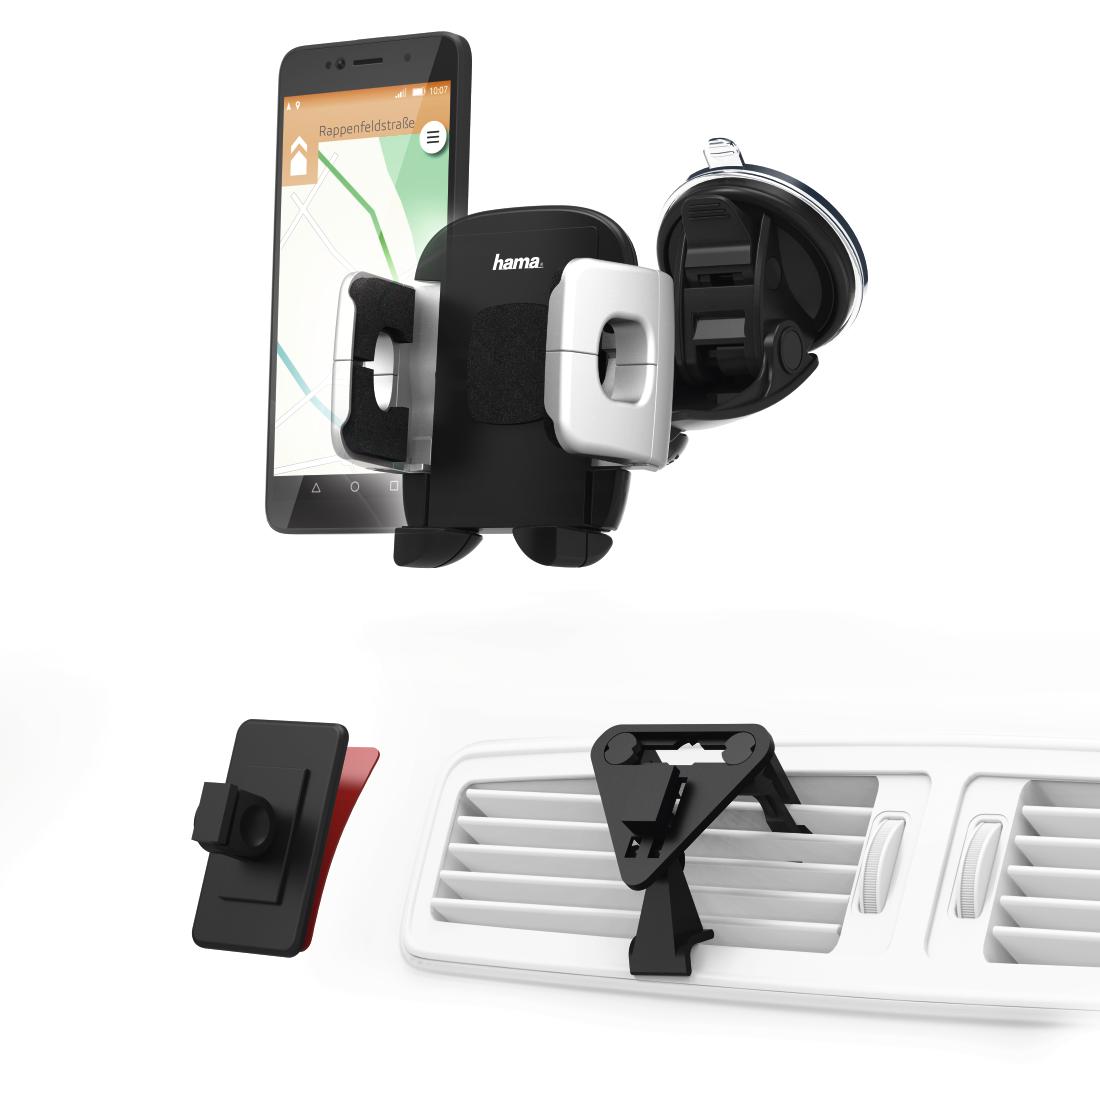 00173882 hama universal smartphone halter set f r ger te mit einer breite von 4 11 cm hama de. Black Bedroom Furniture Sets. Home Design Ideas